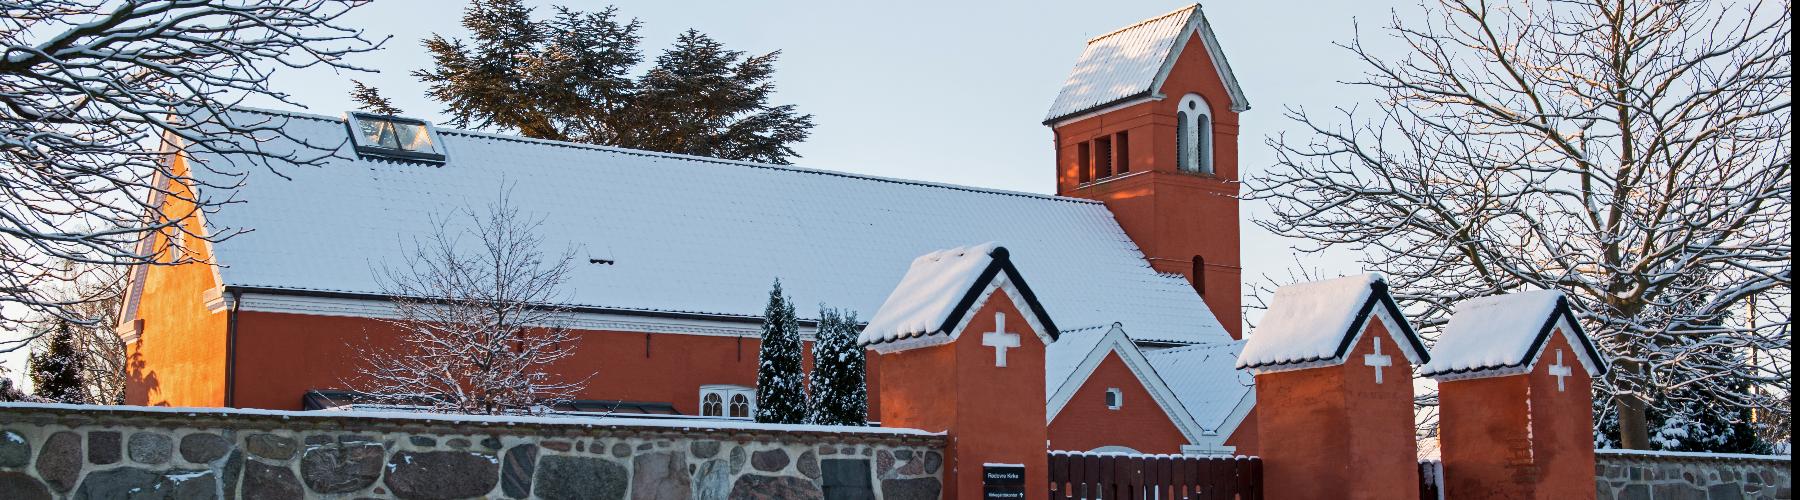 Rødovre Kommune cover image